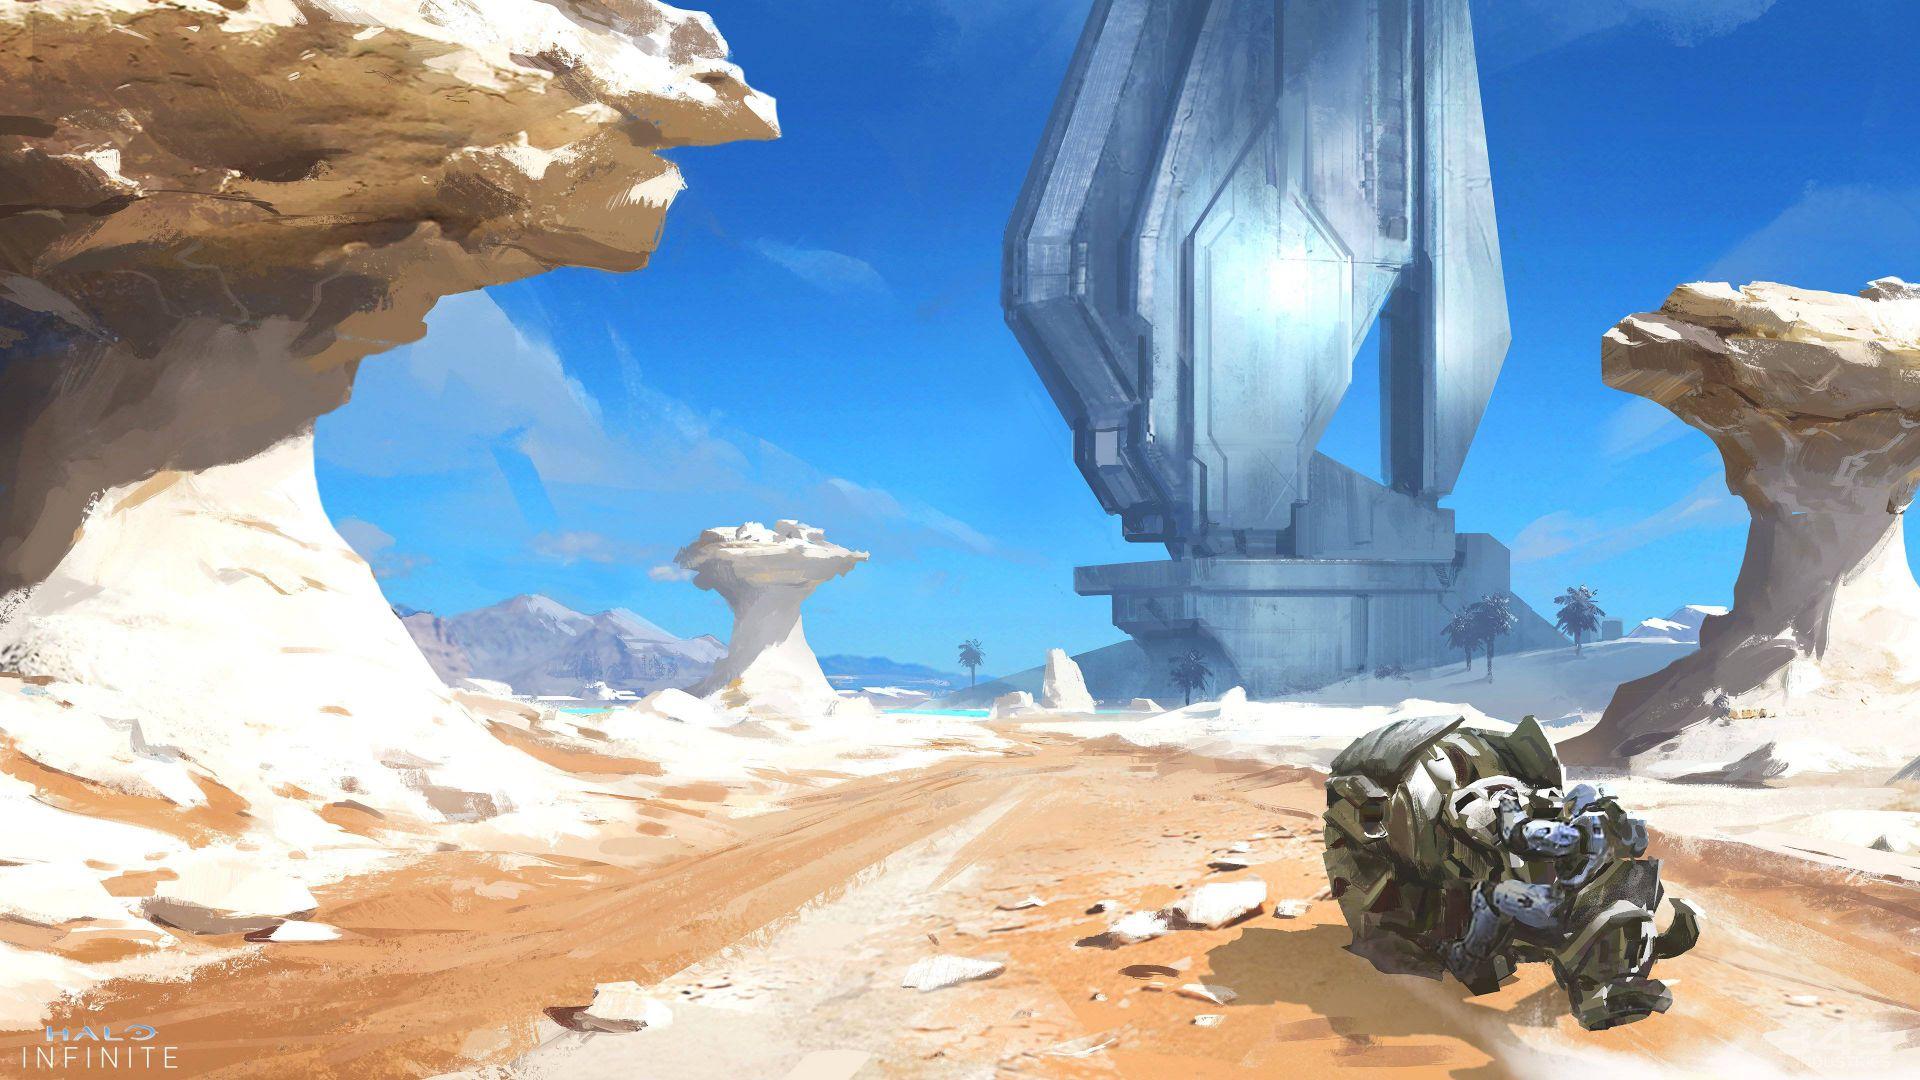 343 Industries comparte un montón de nuevo arte conceptual de Halo Infinite - 343 Industries ha compartido en la web oficial un montón de imágenes con nuevo y genial concept art de Halo Infinite.